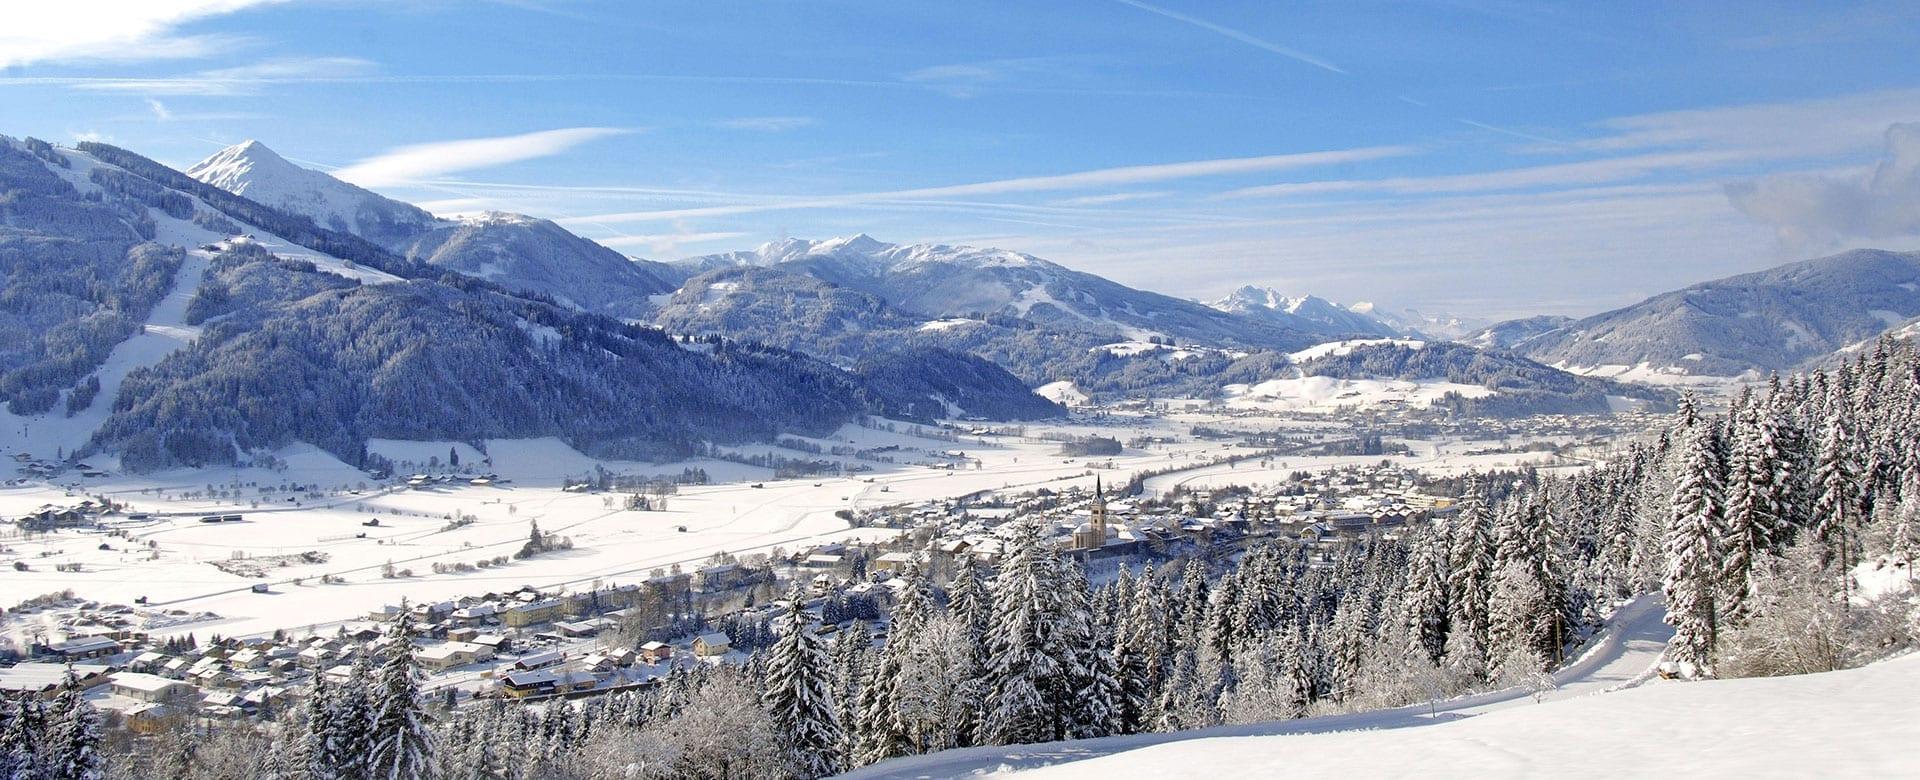 Wetter in Radstadt, Salzburger Land –Ski amadé